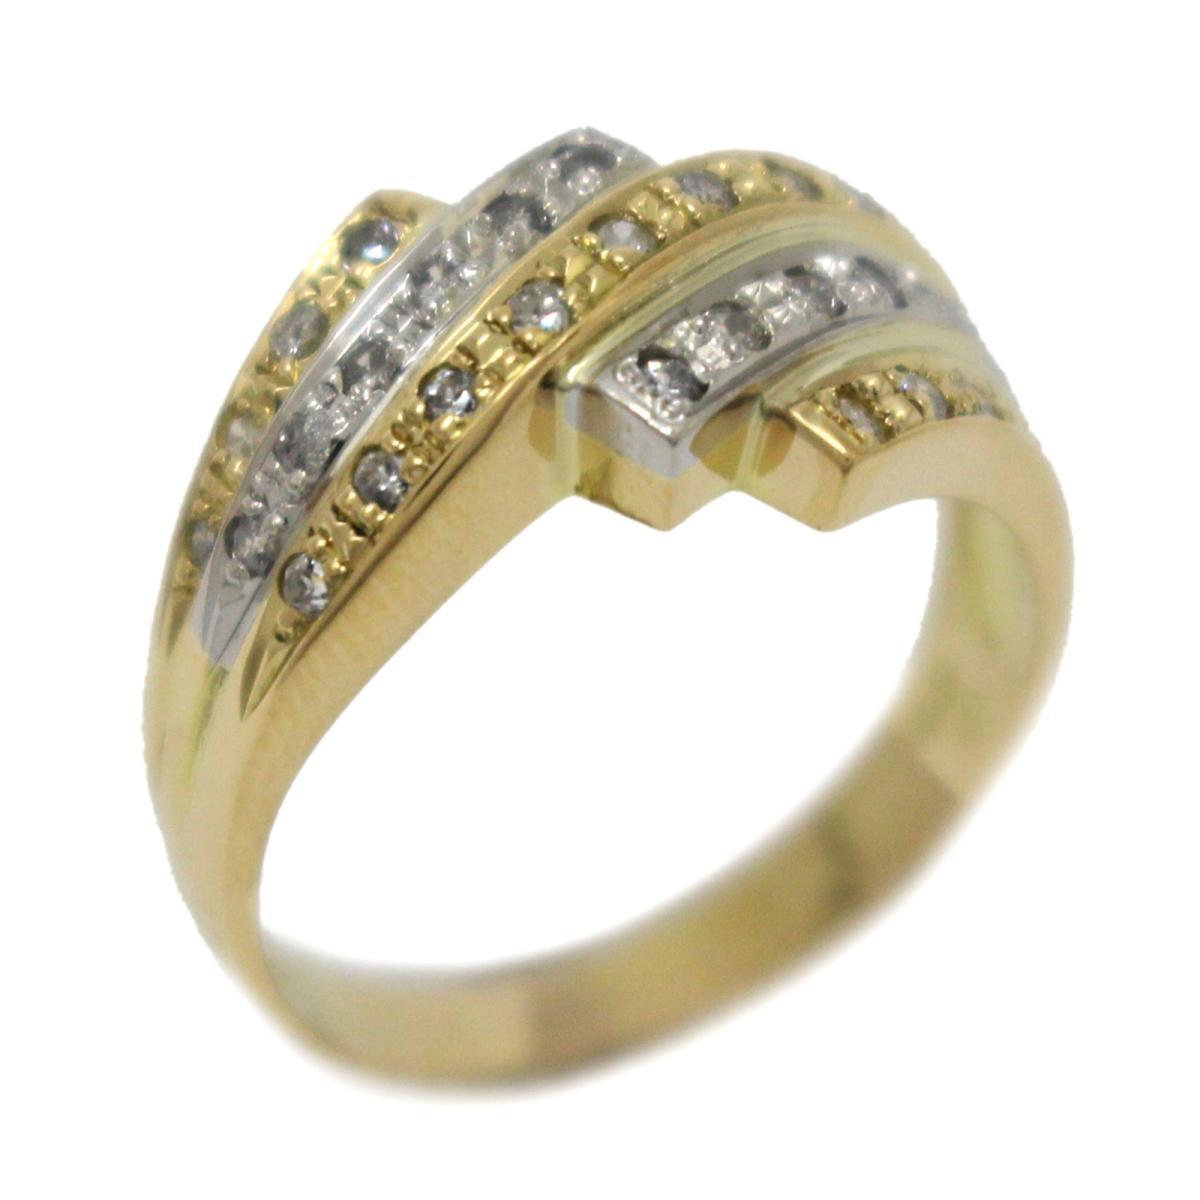 ジュエリー ダイヤモンド リング 指輪 ノーブランドジュエリー レディース K18YG (750) イエローゴールドPT900 プラチナダイヤモンド (0.35ct) 【中古】   JEWELRY BRANDOFF ブランドオフ アクセサリー